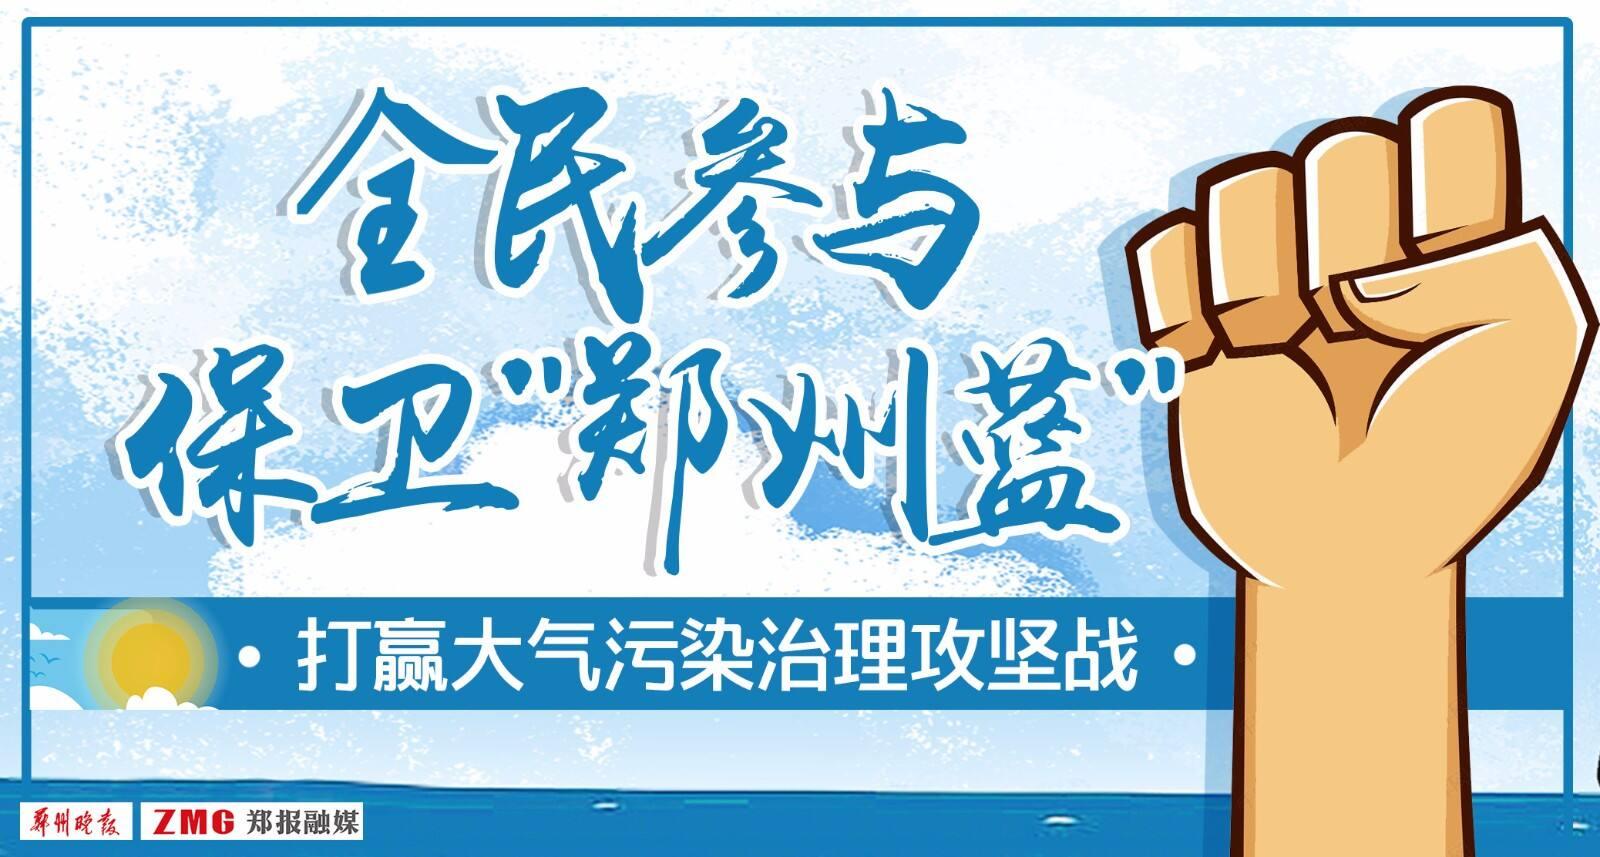 郑州蓝.jpg